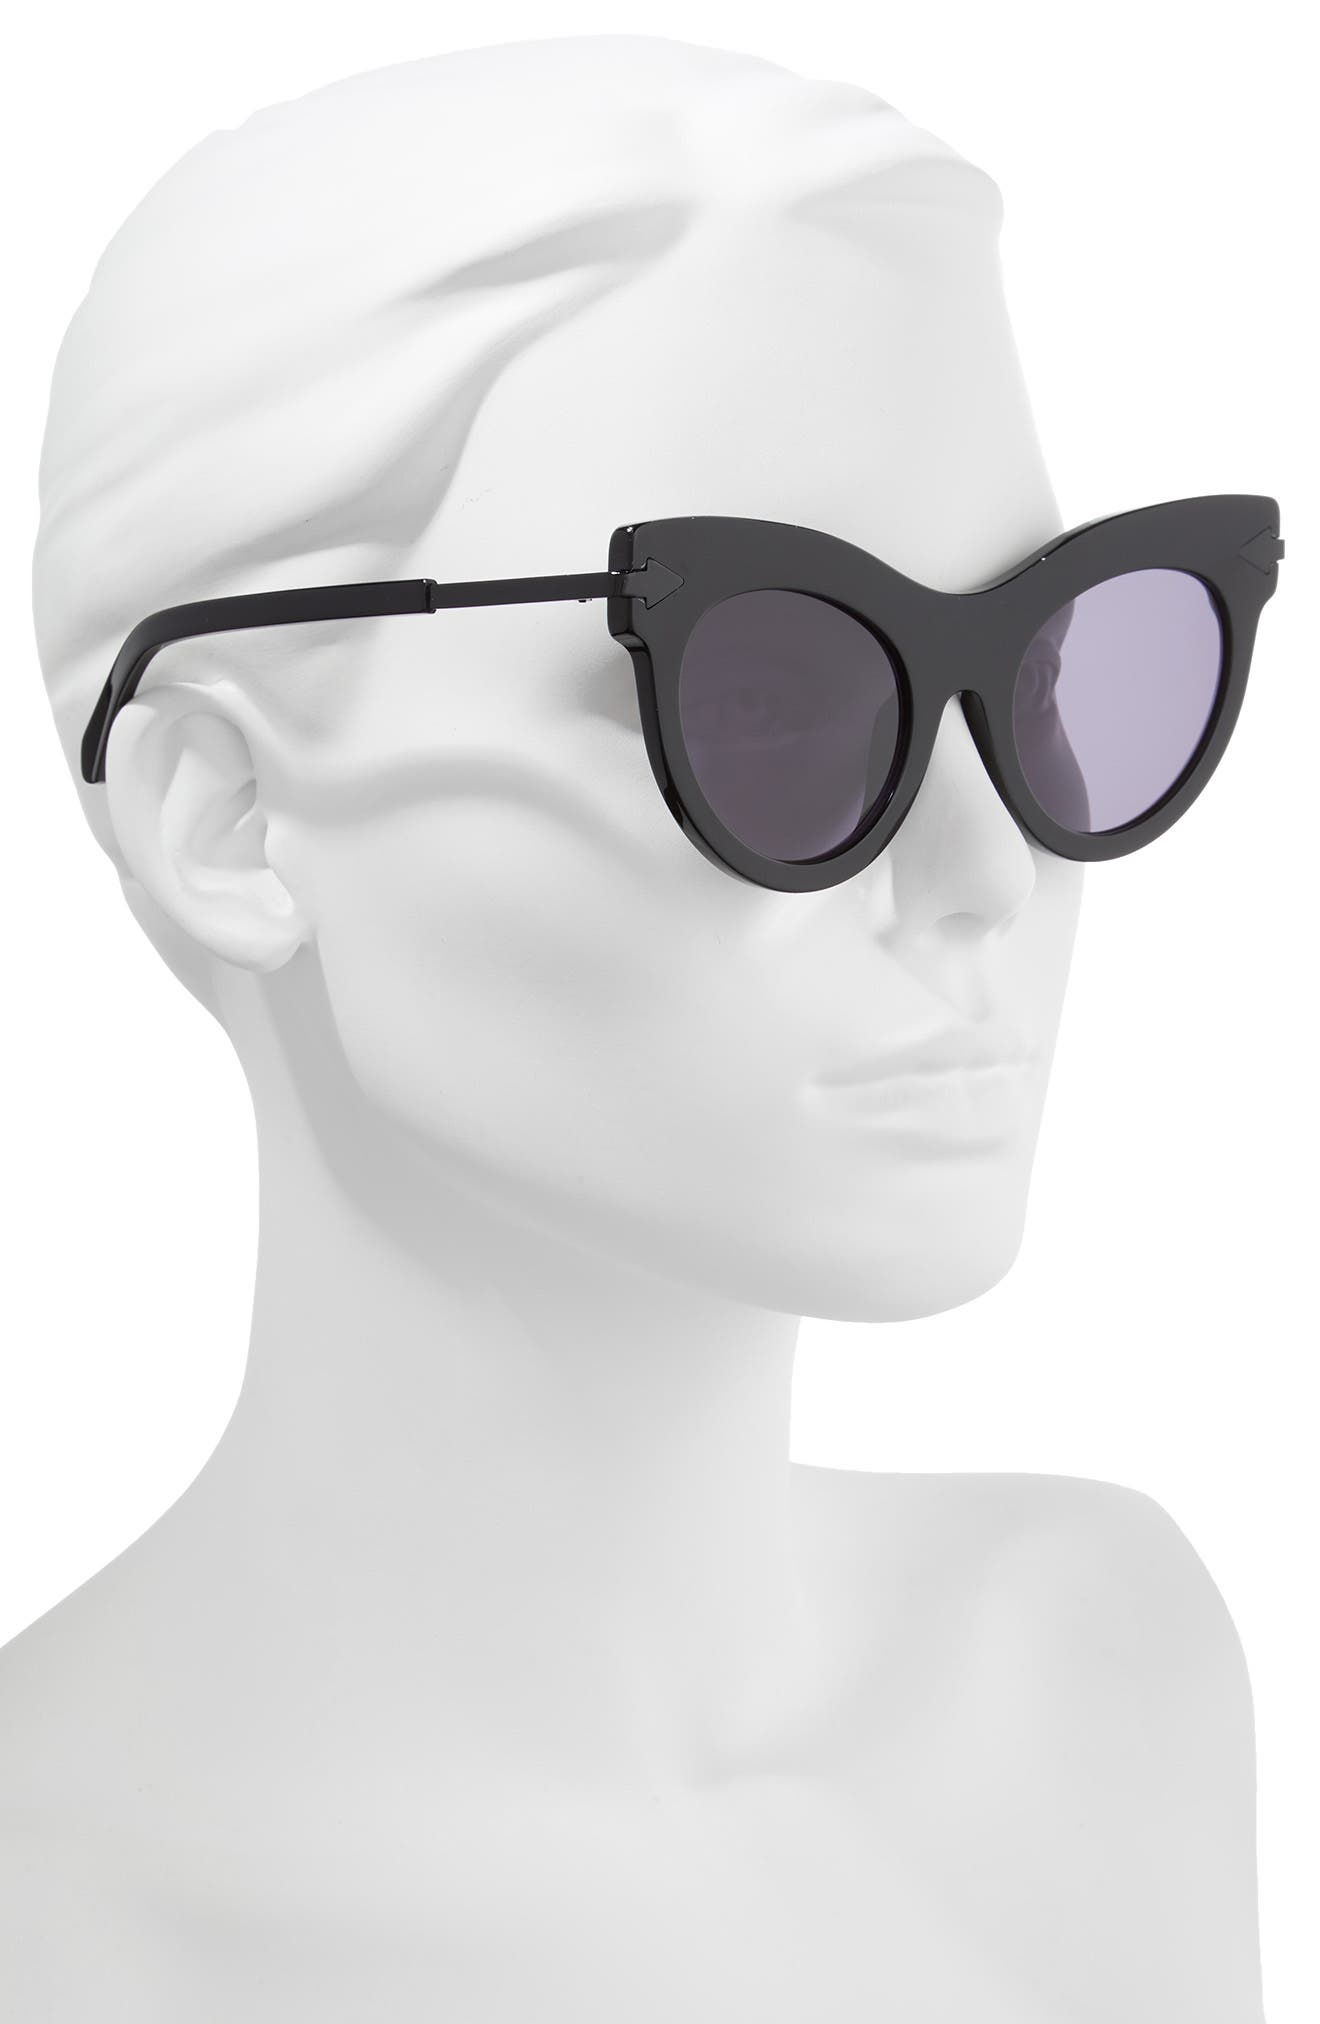 Miss Lark 52mm Cat Eye Sunglasses,                             Alternate thumbnail 2, color,                             Black